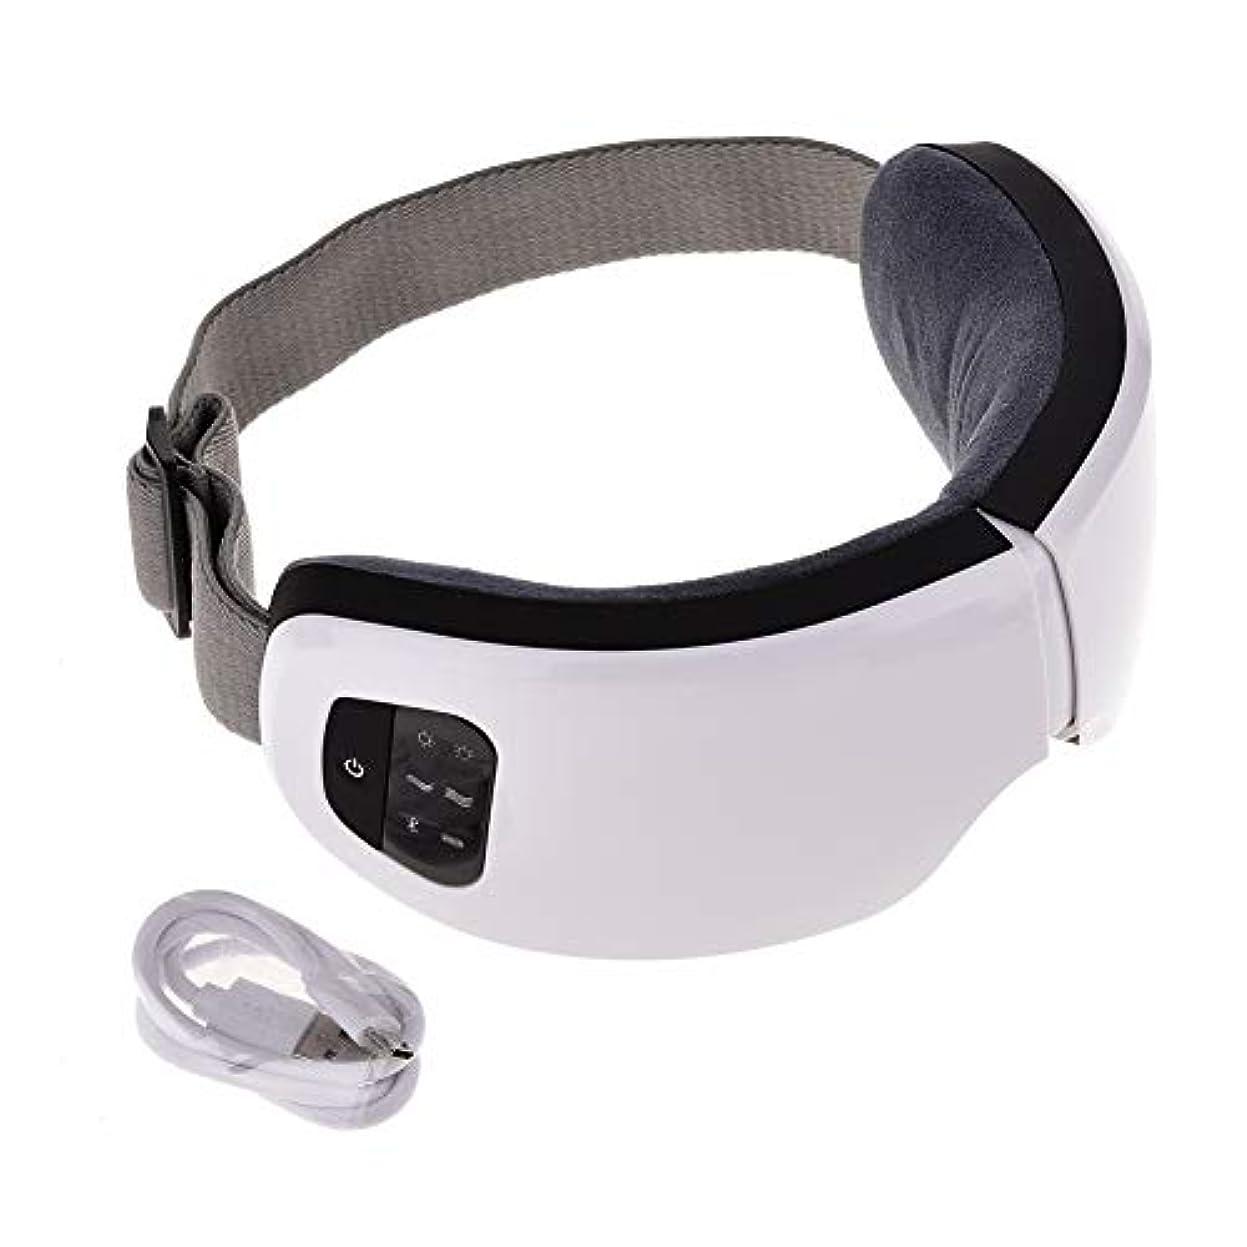 事実上解くホステスMeet now ファッションアイマッサージャー、電気マッサージ器具、高度な音楽振動アイプロテクター 品質保証